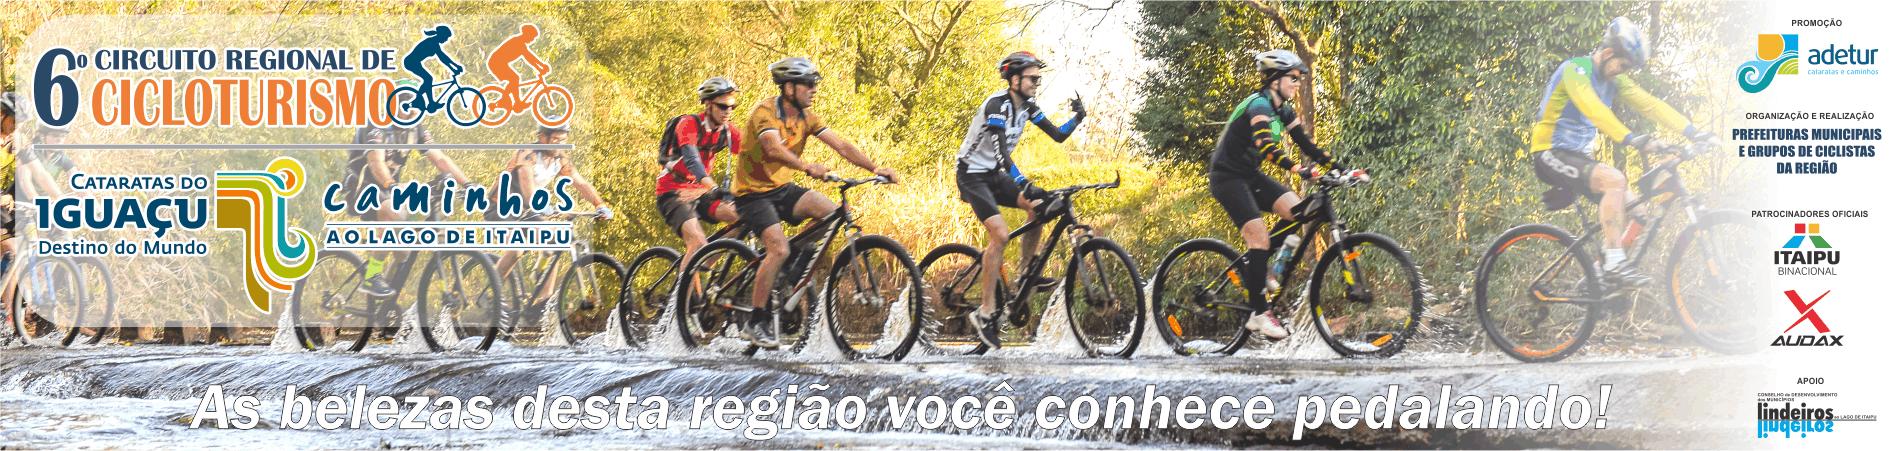 6ª edição Circuito Regional de Cicloturismo - Etapa santa terezinha de itaipu - Imagem de topo